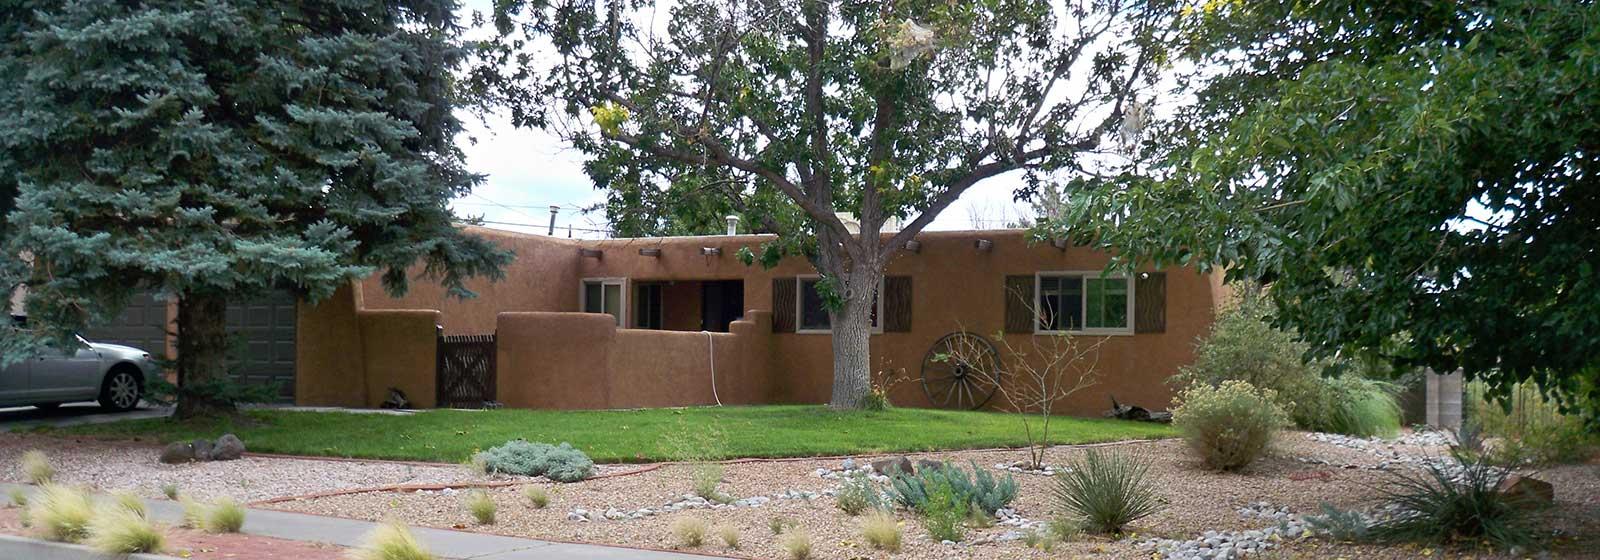 Albuquerque Real Estate Condos Homes Share